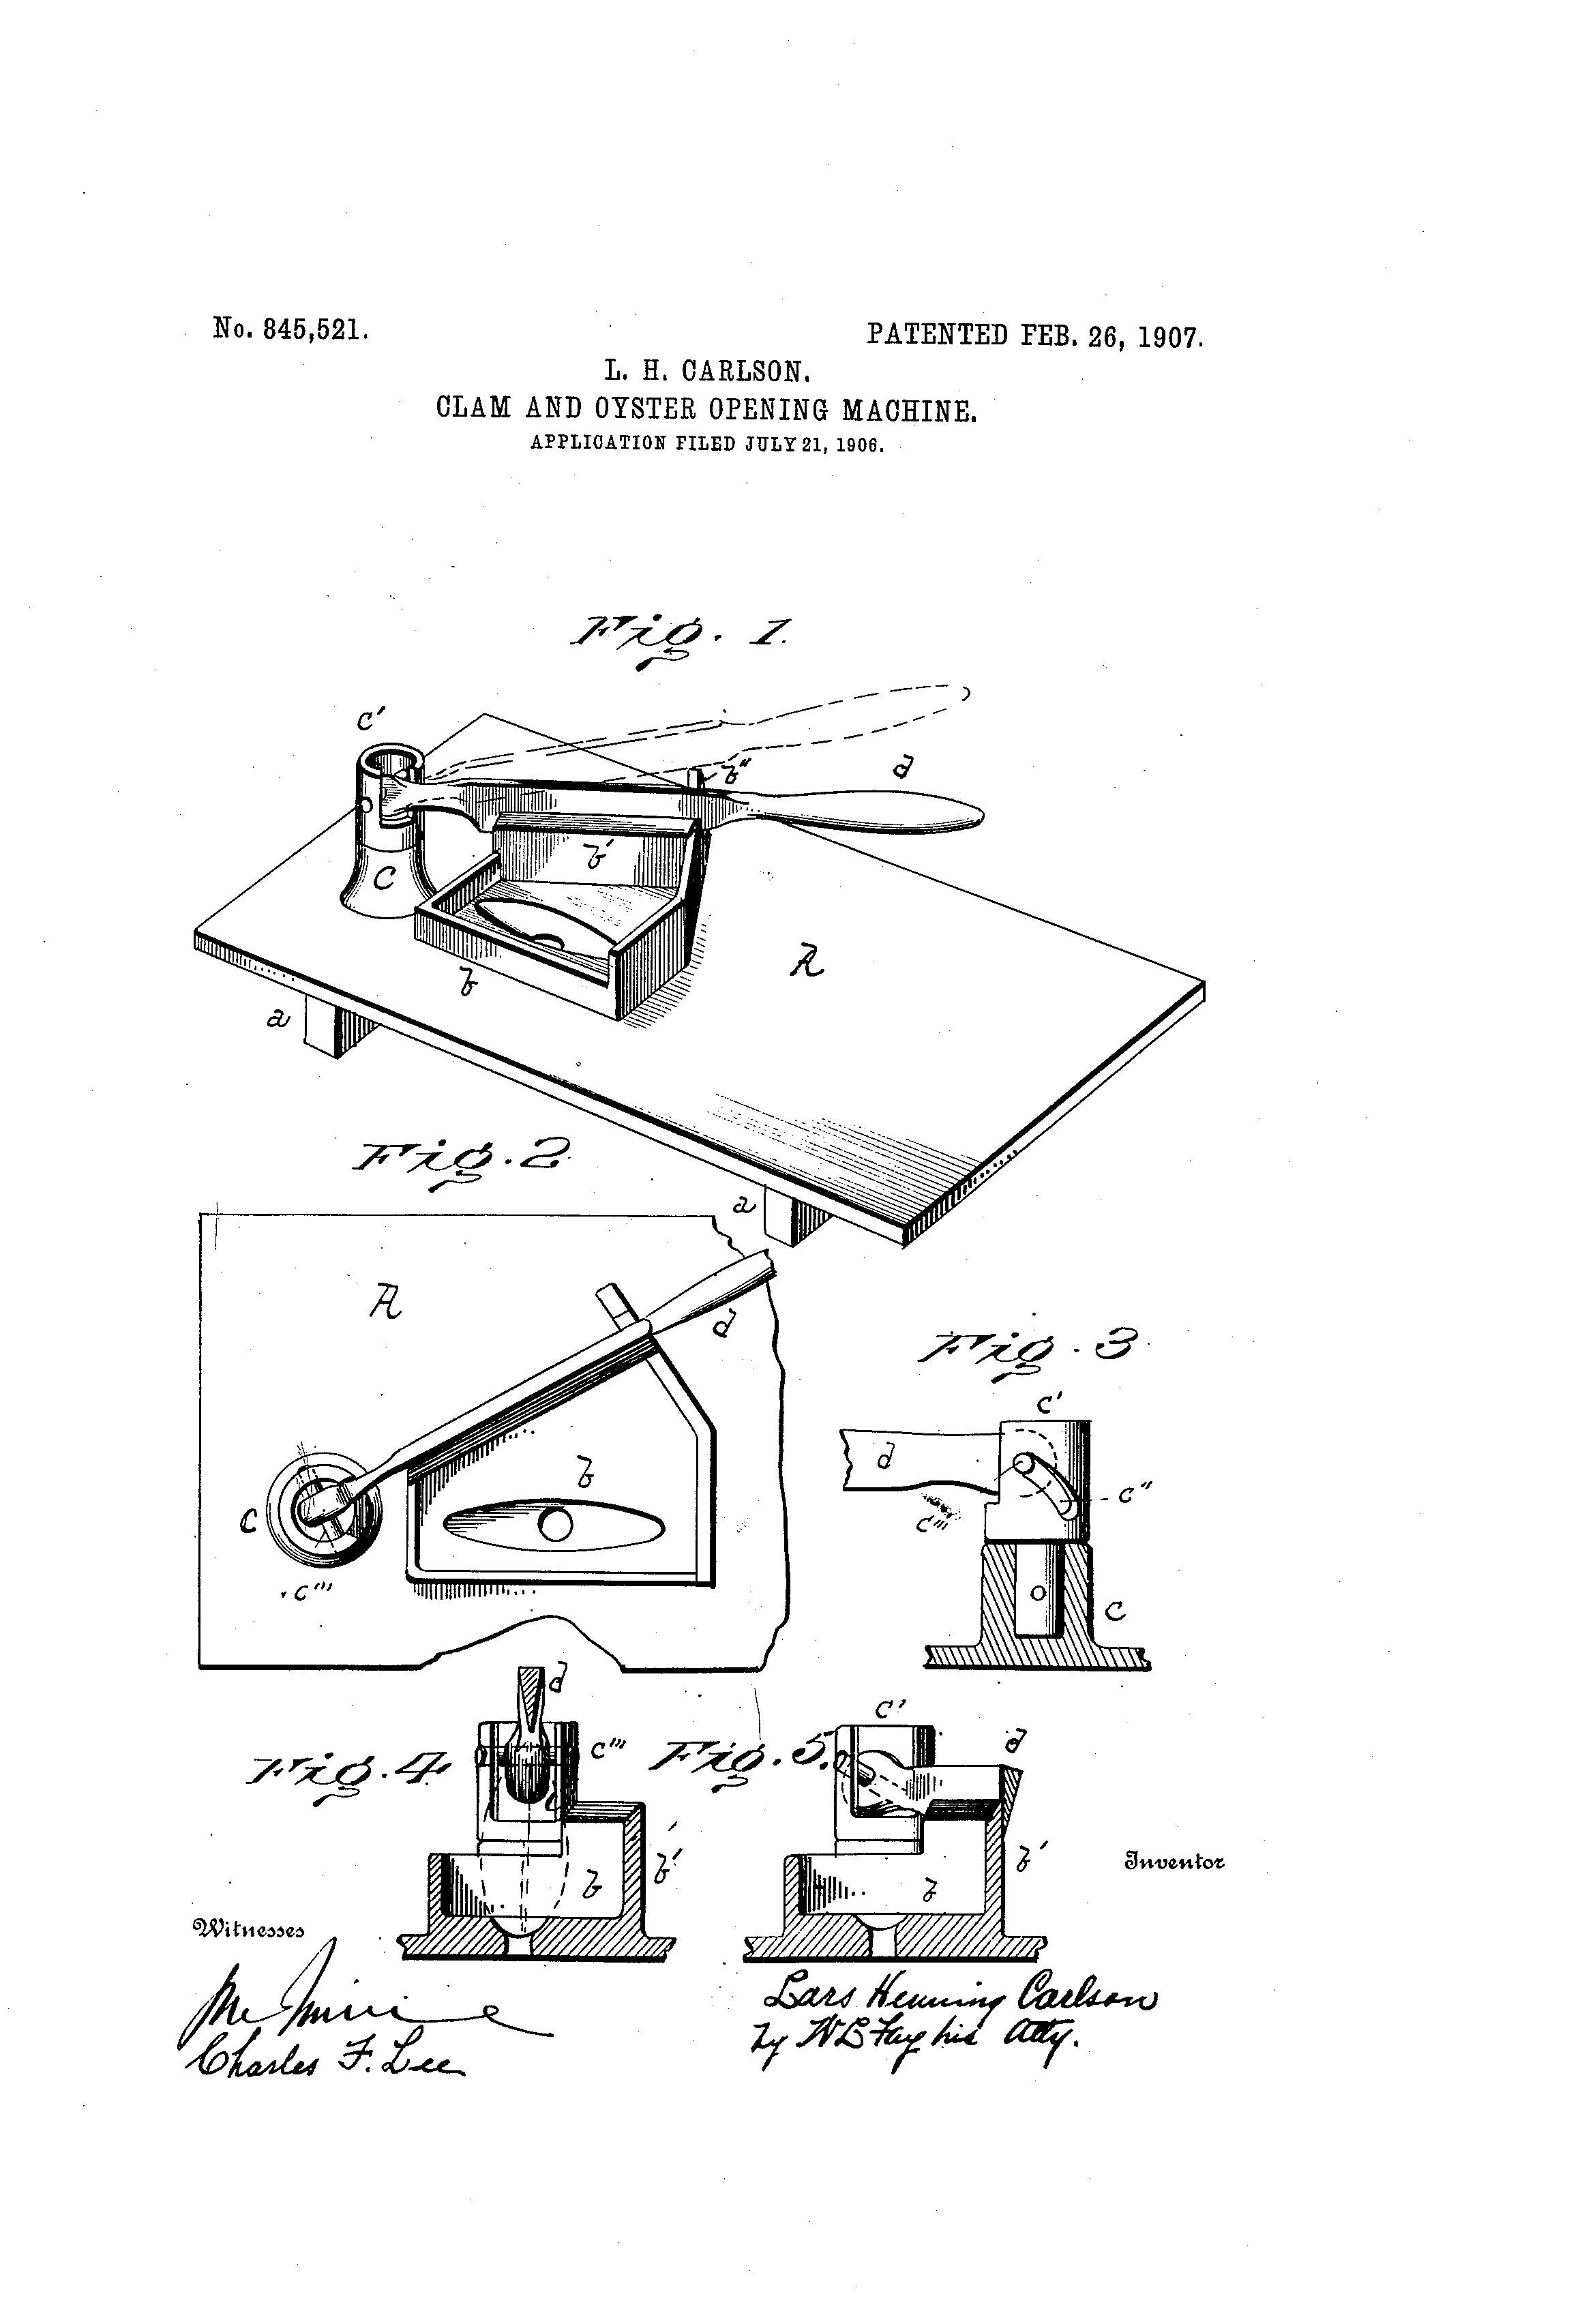 clam opening machine